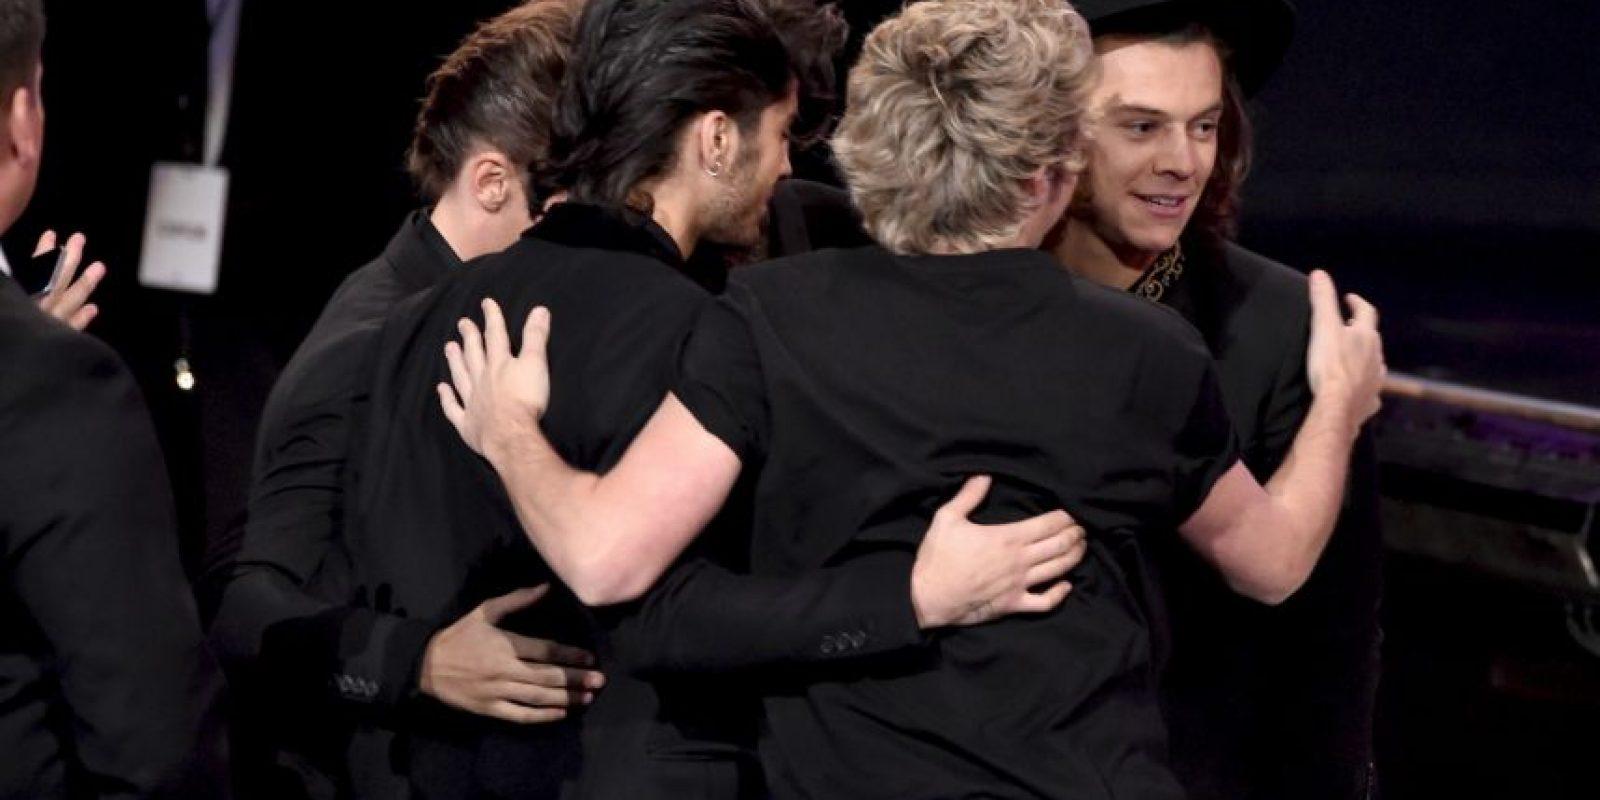 Así recibieron el premio a mejor Dúo/Grupo de Pop/Rock Foto:Getty Images